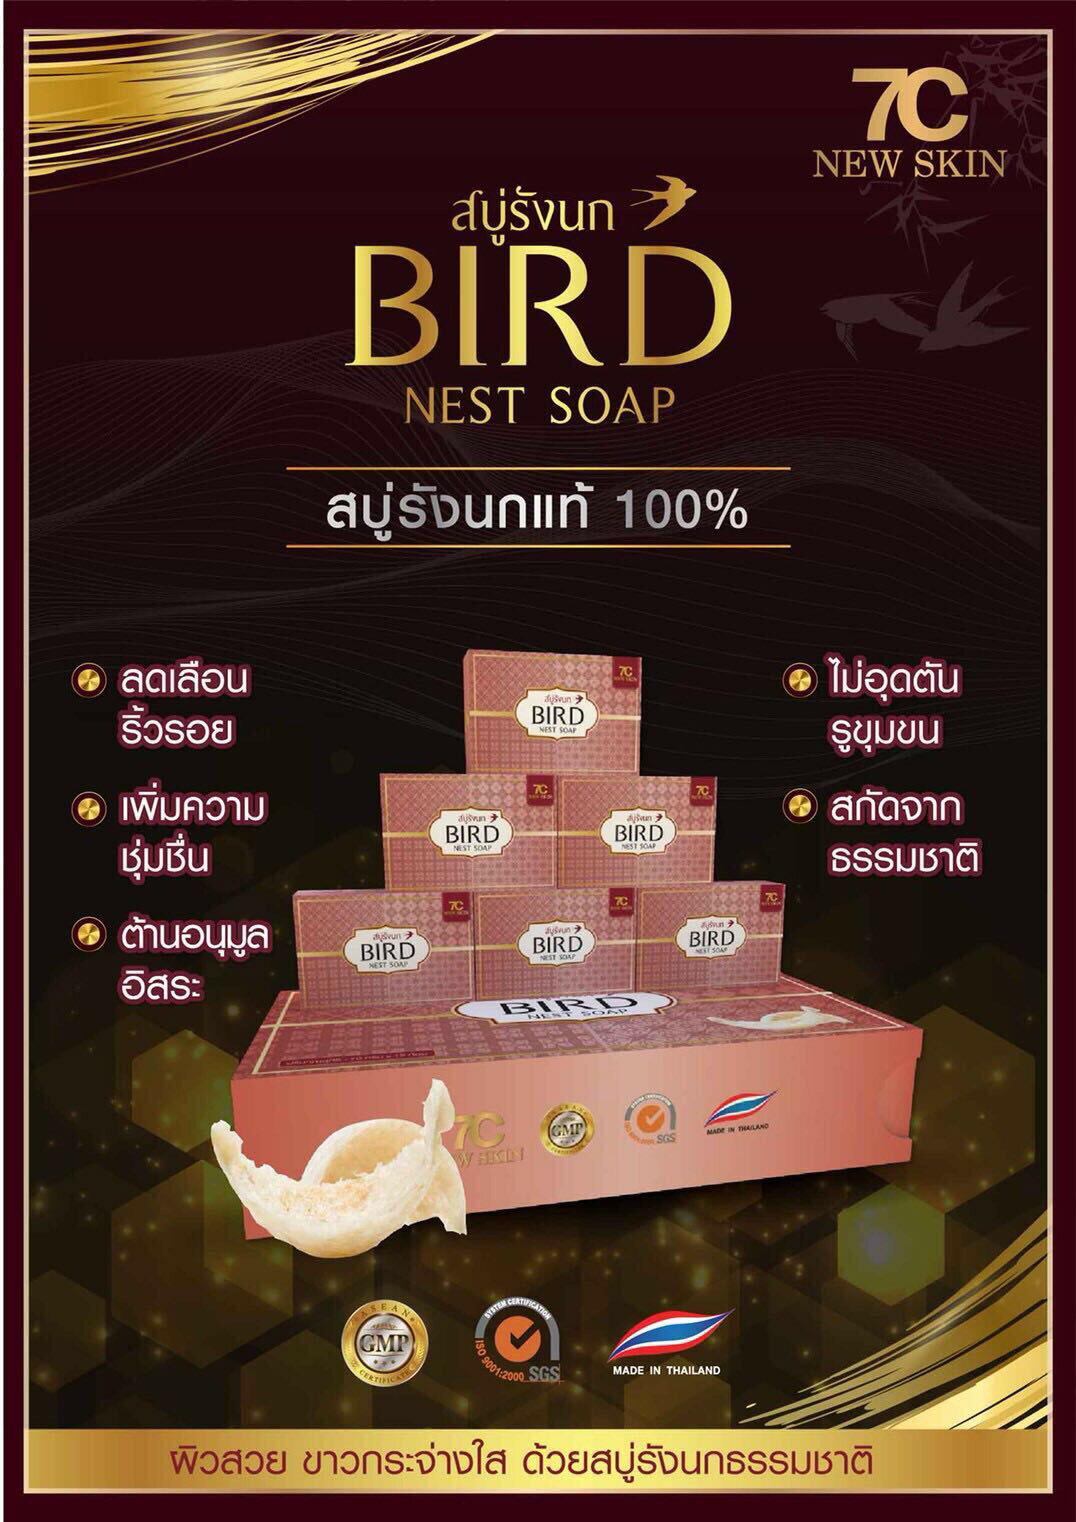 泰國天然椰油燕窩皂︱台灣獨賣新品︱GMP工廠生產 品質保證︱單買 ︱1~5個 0